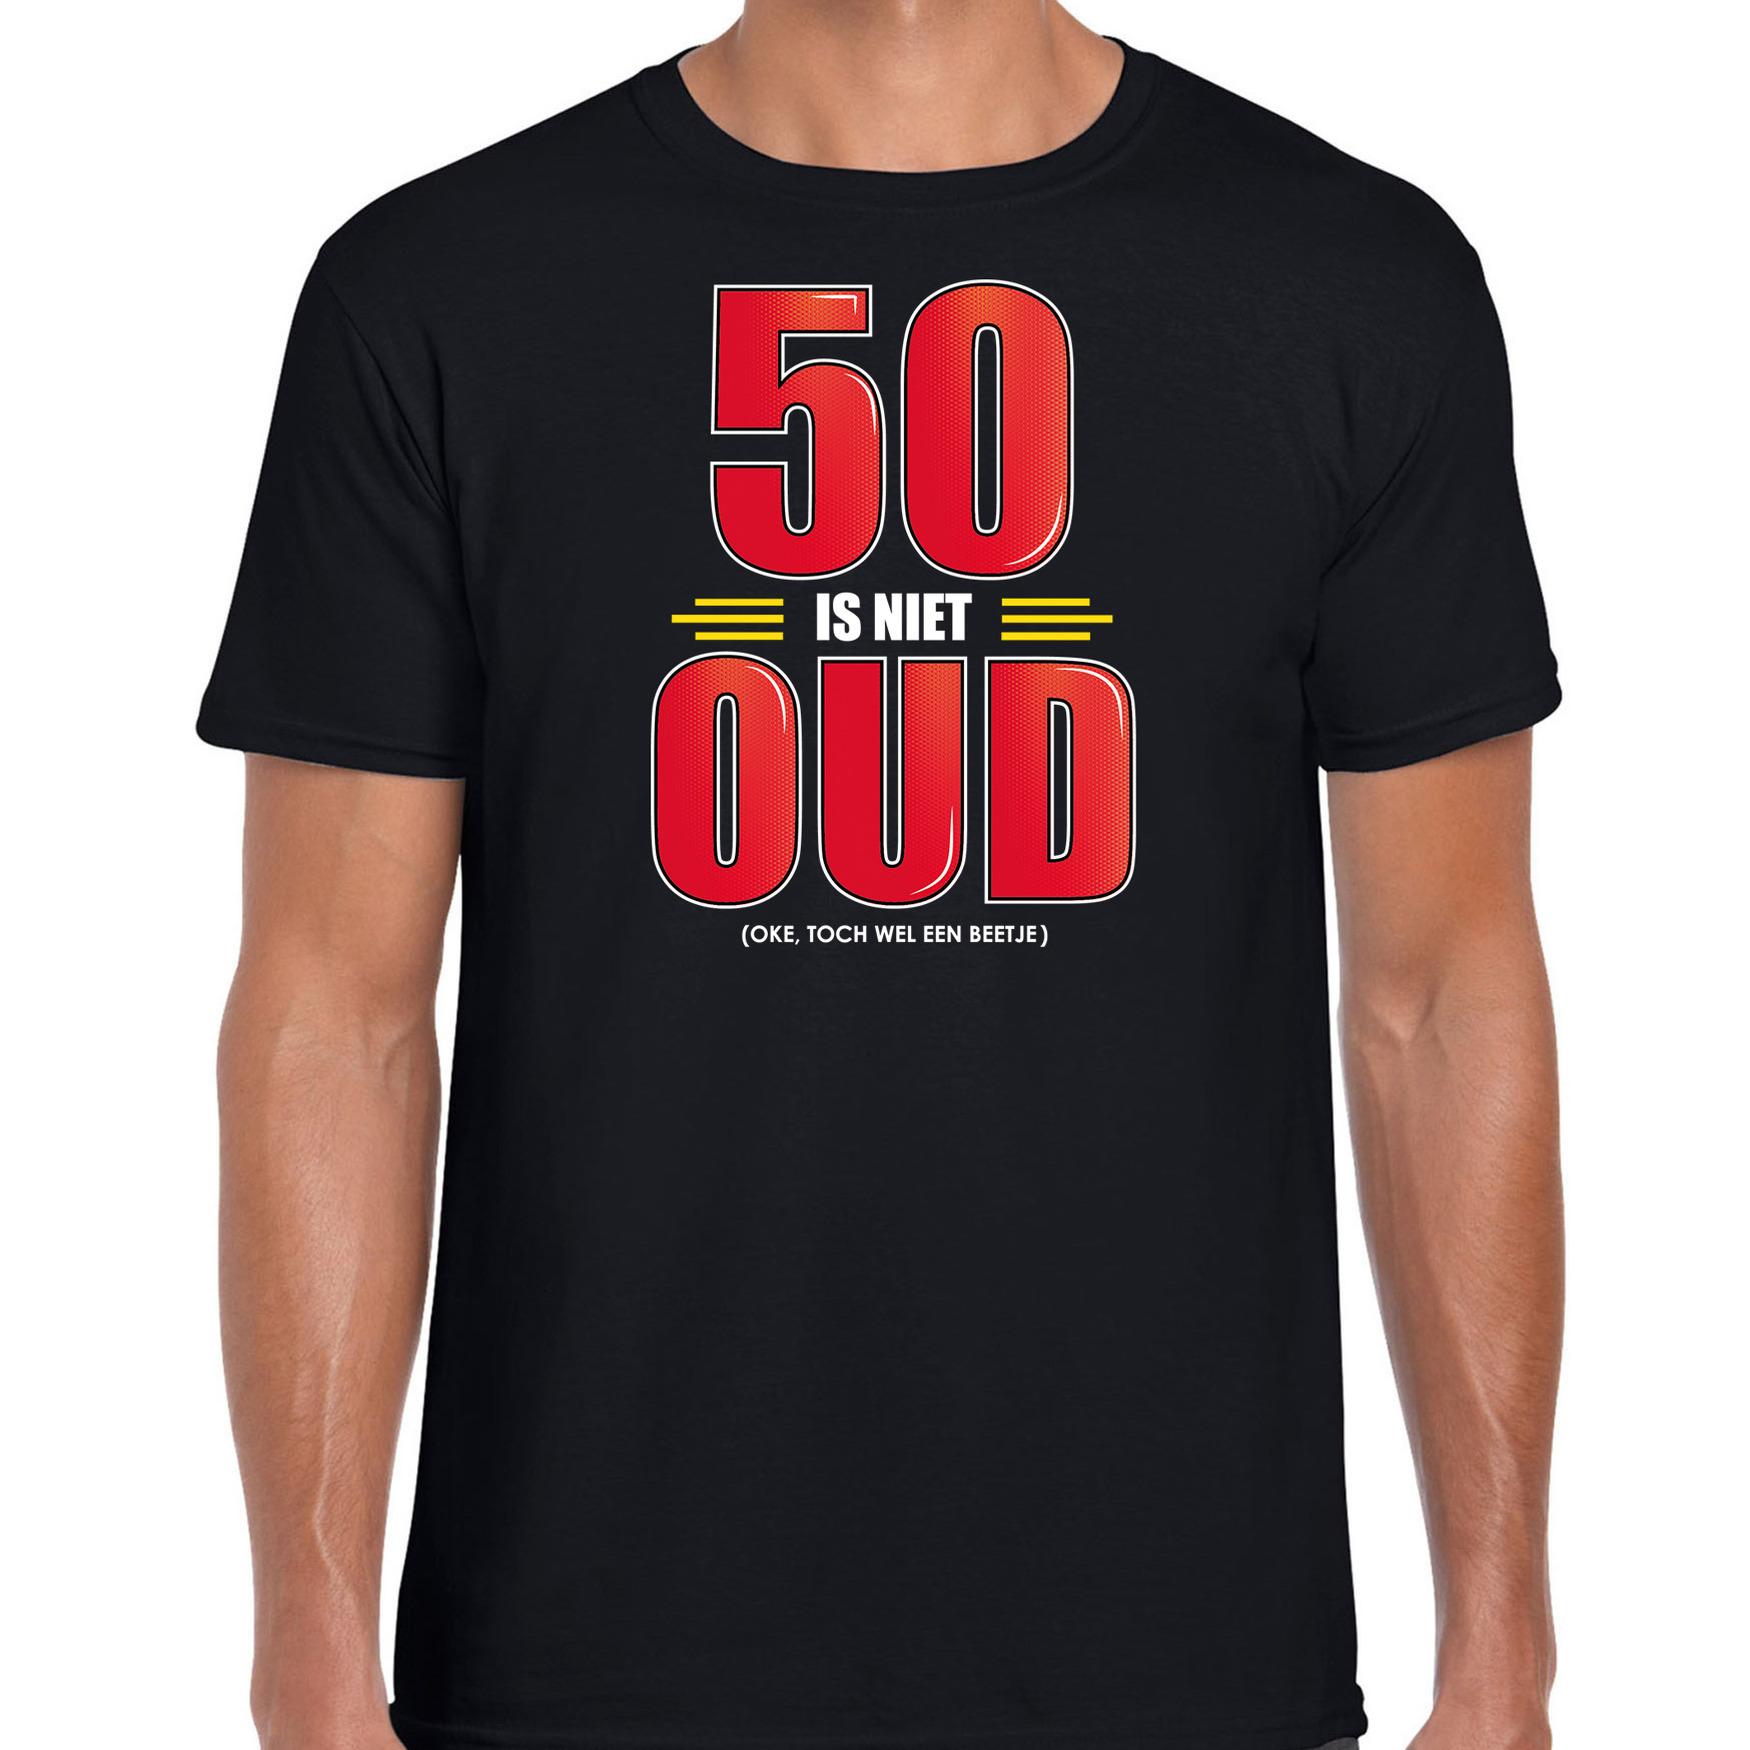 50 is niet oud verjaardag kado shirt / Abraham zwart voor heren 50 jaar S -